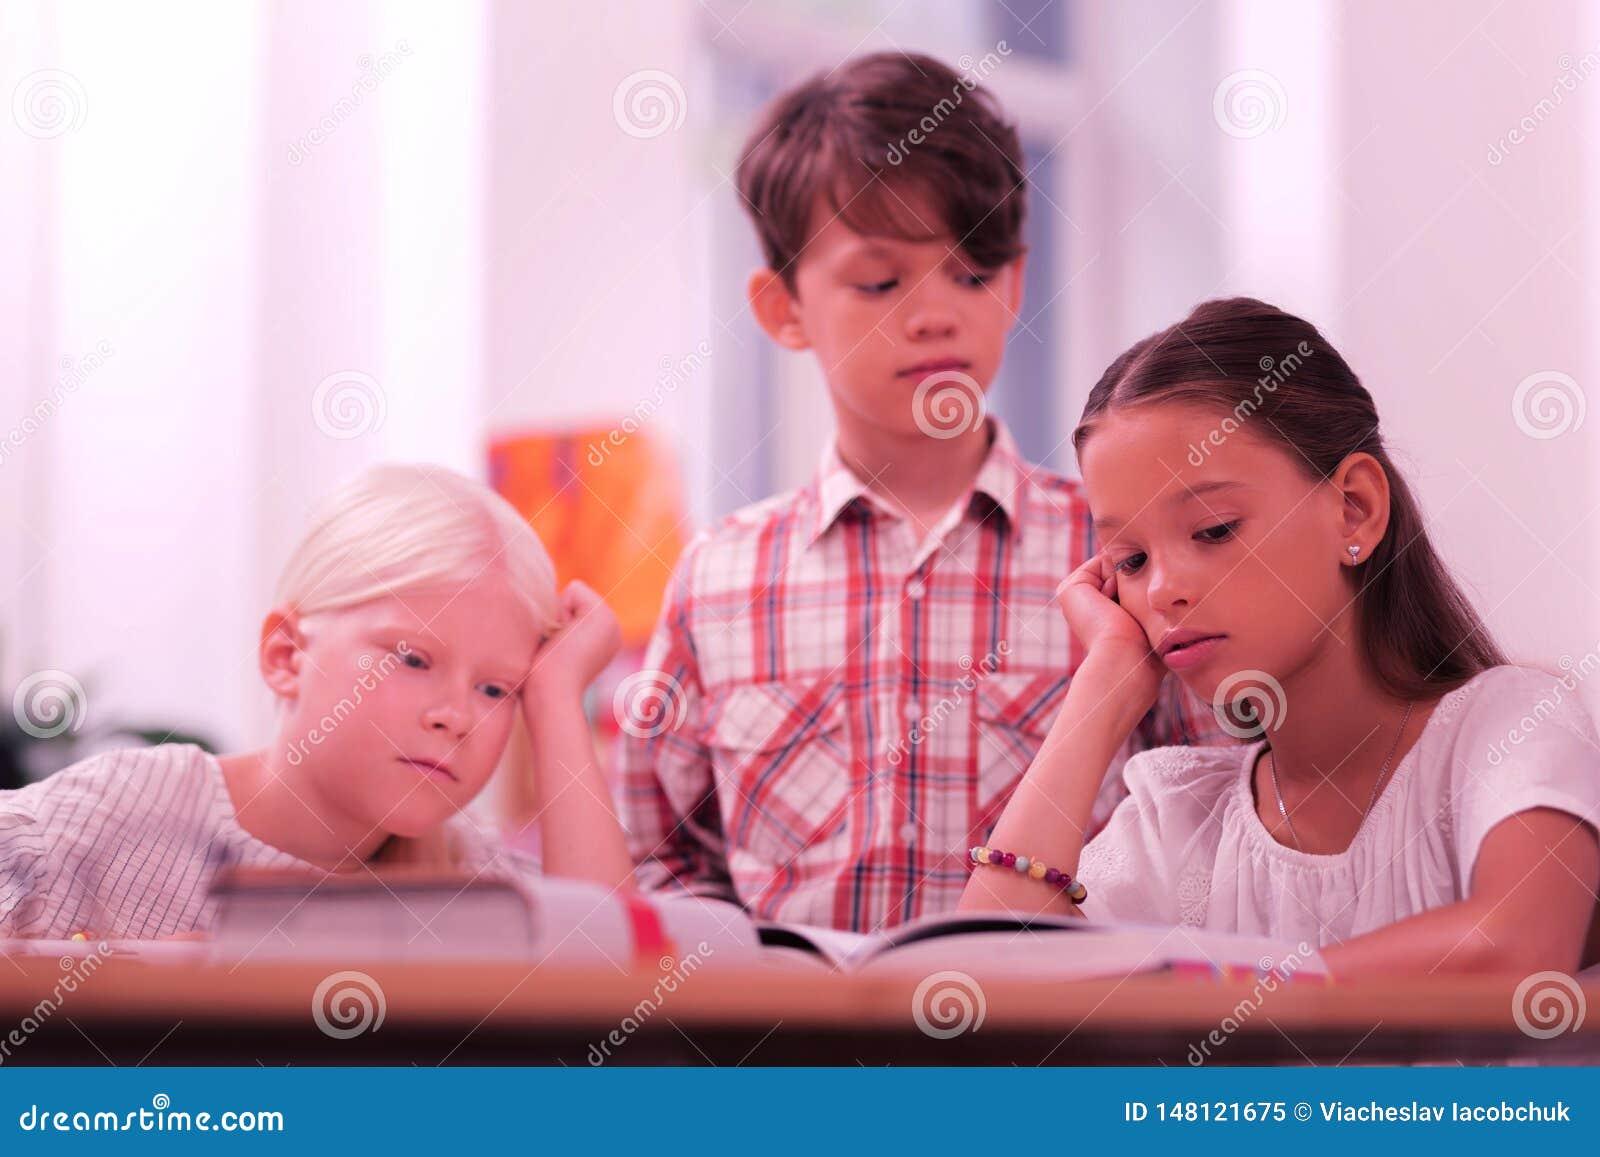 Kinderen in een klaslokaal die het boek proberen te lezen